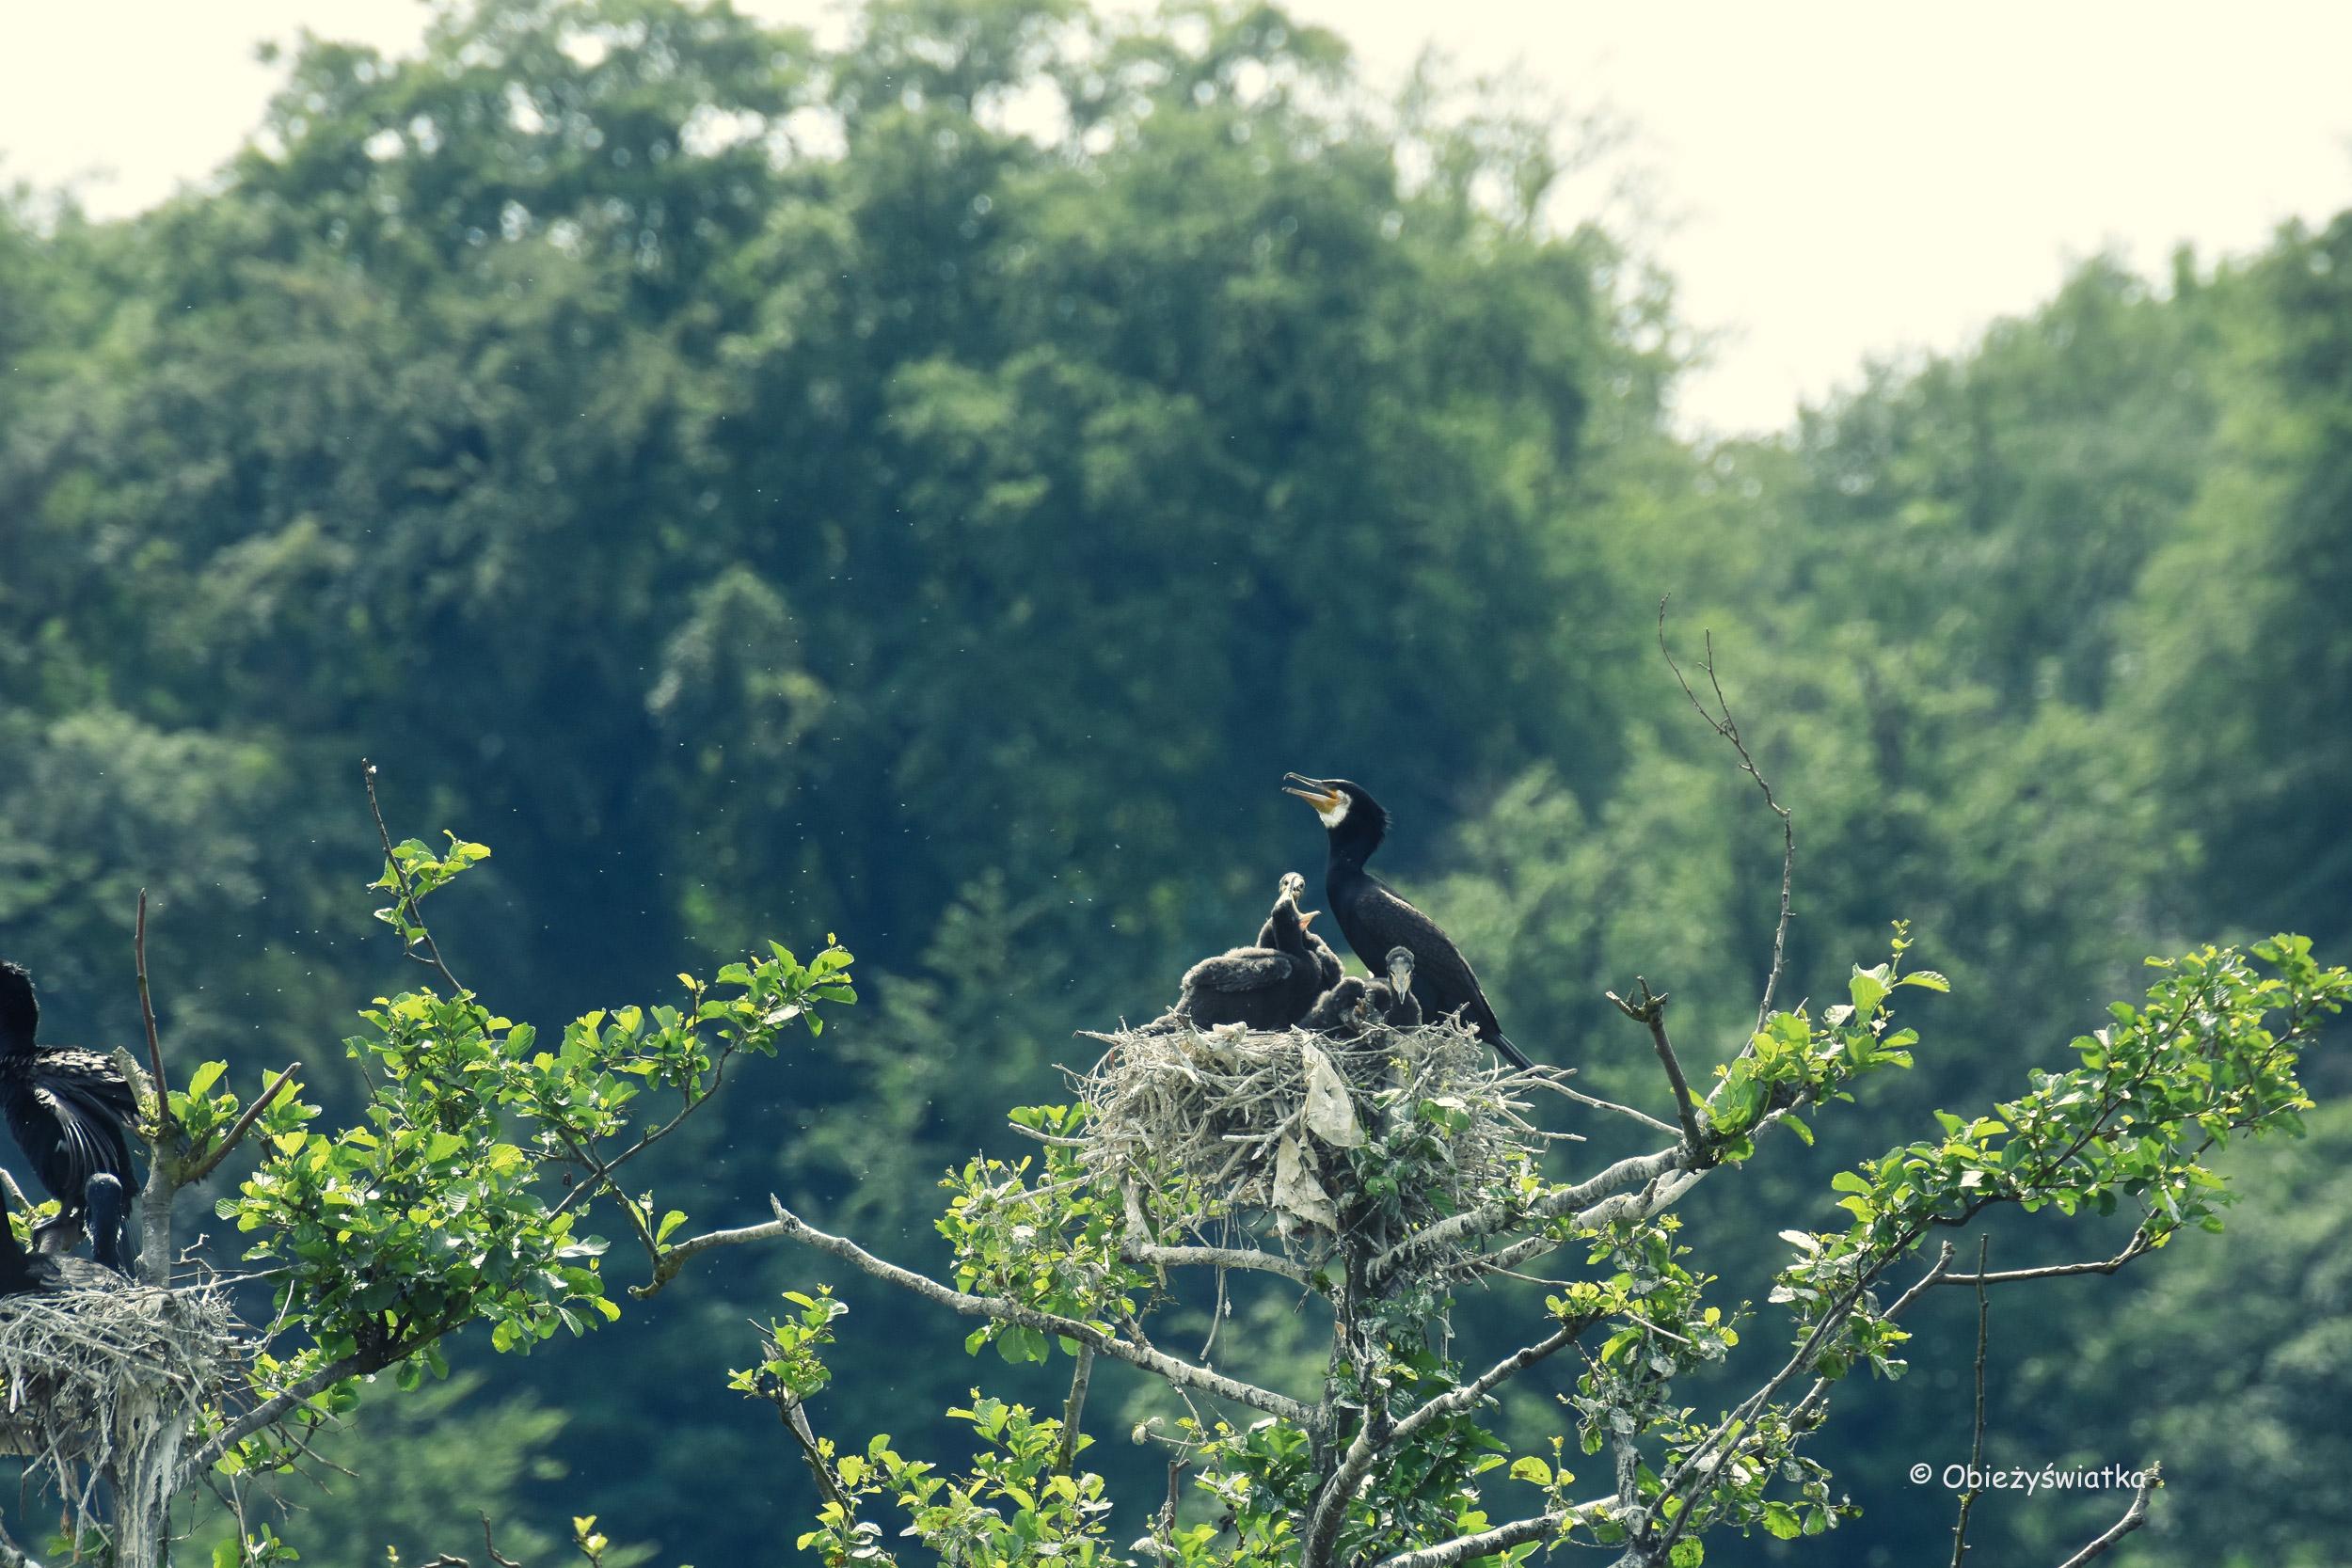 Pisklęta kormoranów nad rzeką Ruhr w Essen, NRW